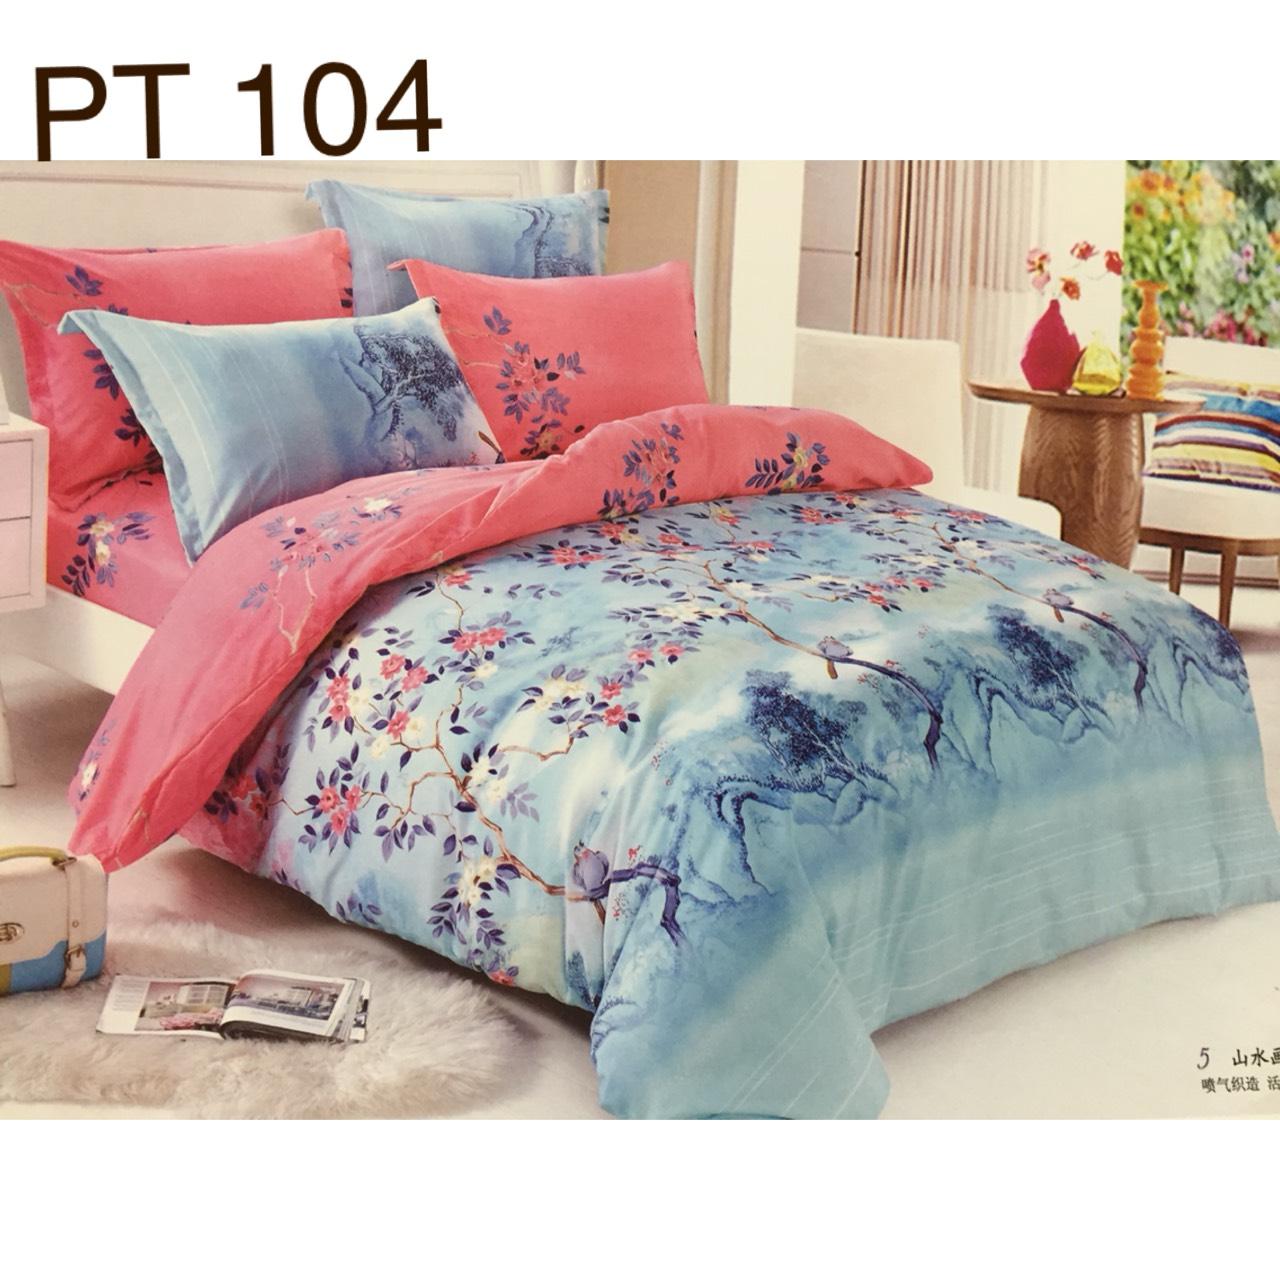 Bộ Chăn Ga Phủ Cotton Hàn Quốc - PT104